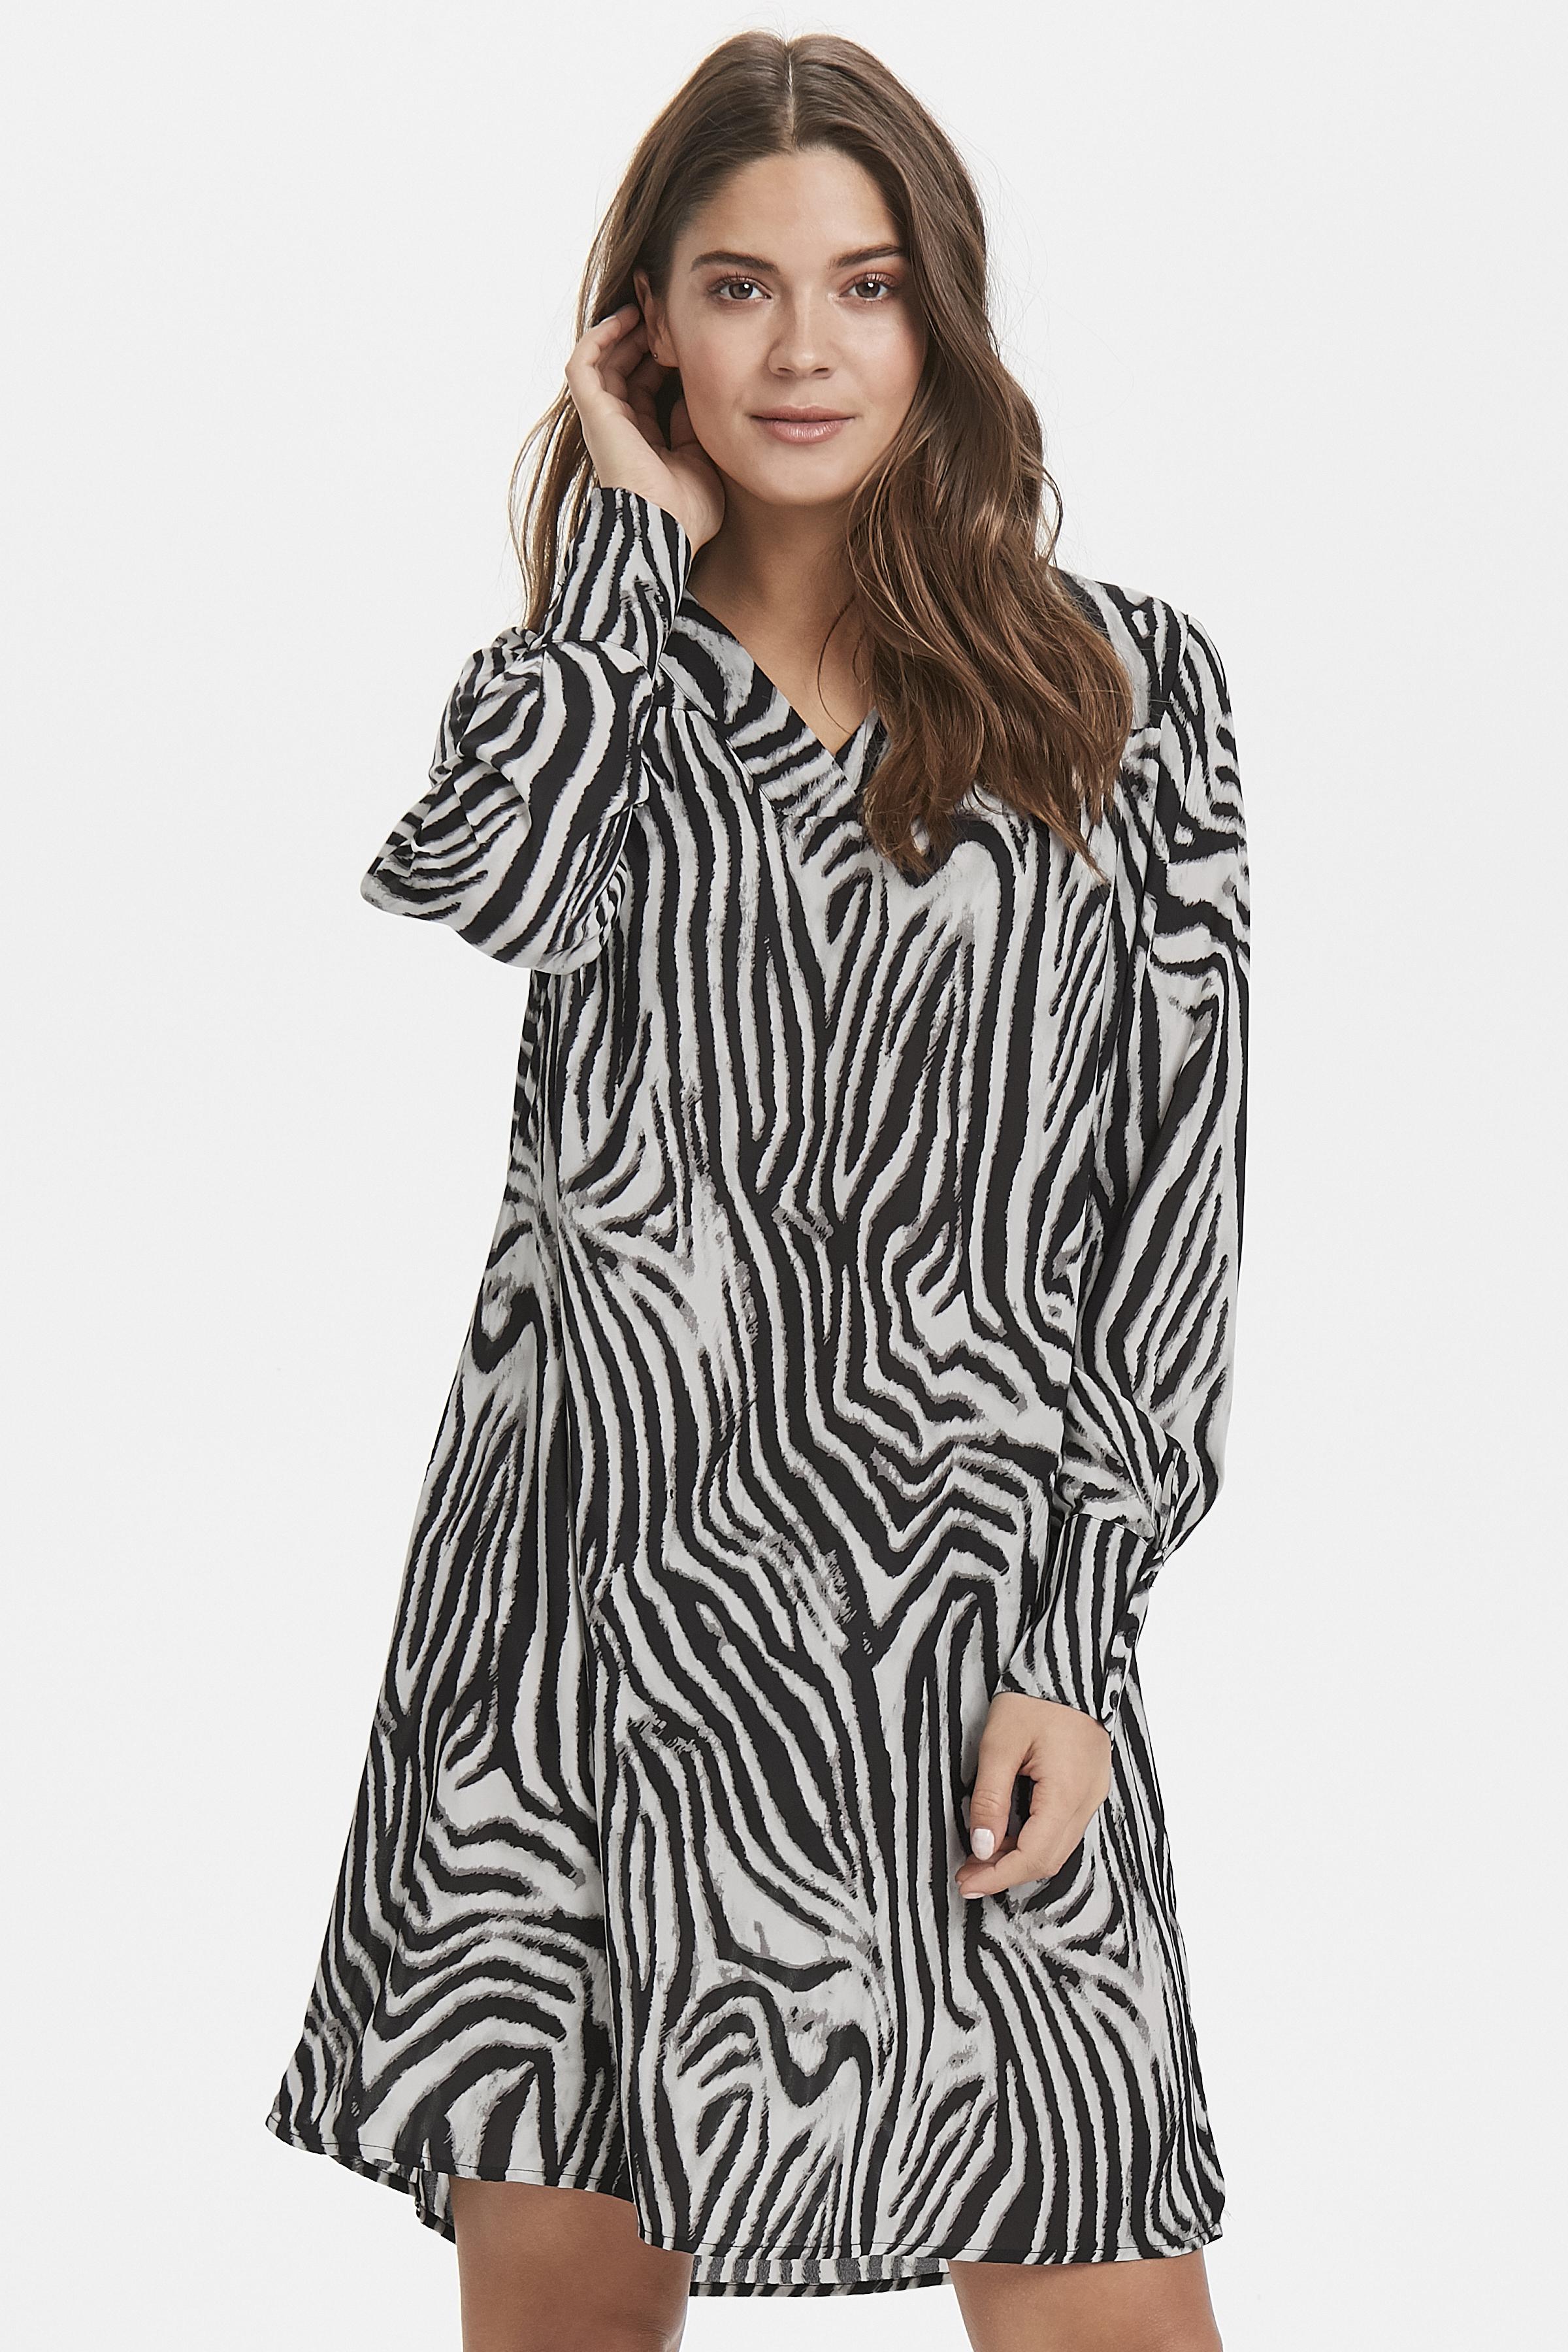 Zebra combi 1 Kleid von b.young – Kaufen Sie Zebra combi 1 Kleid aus Größe 34-42 hier